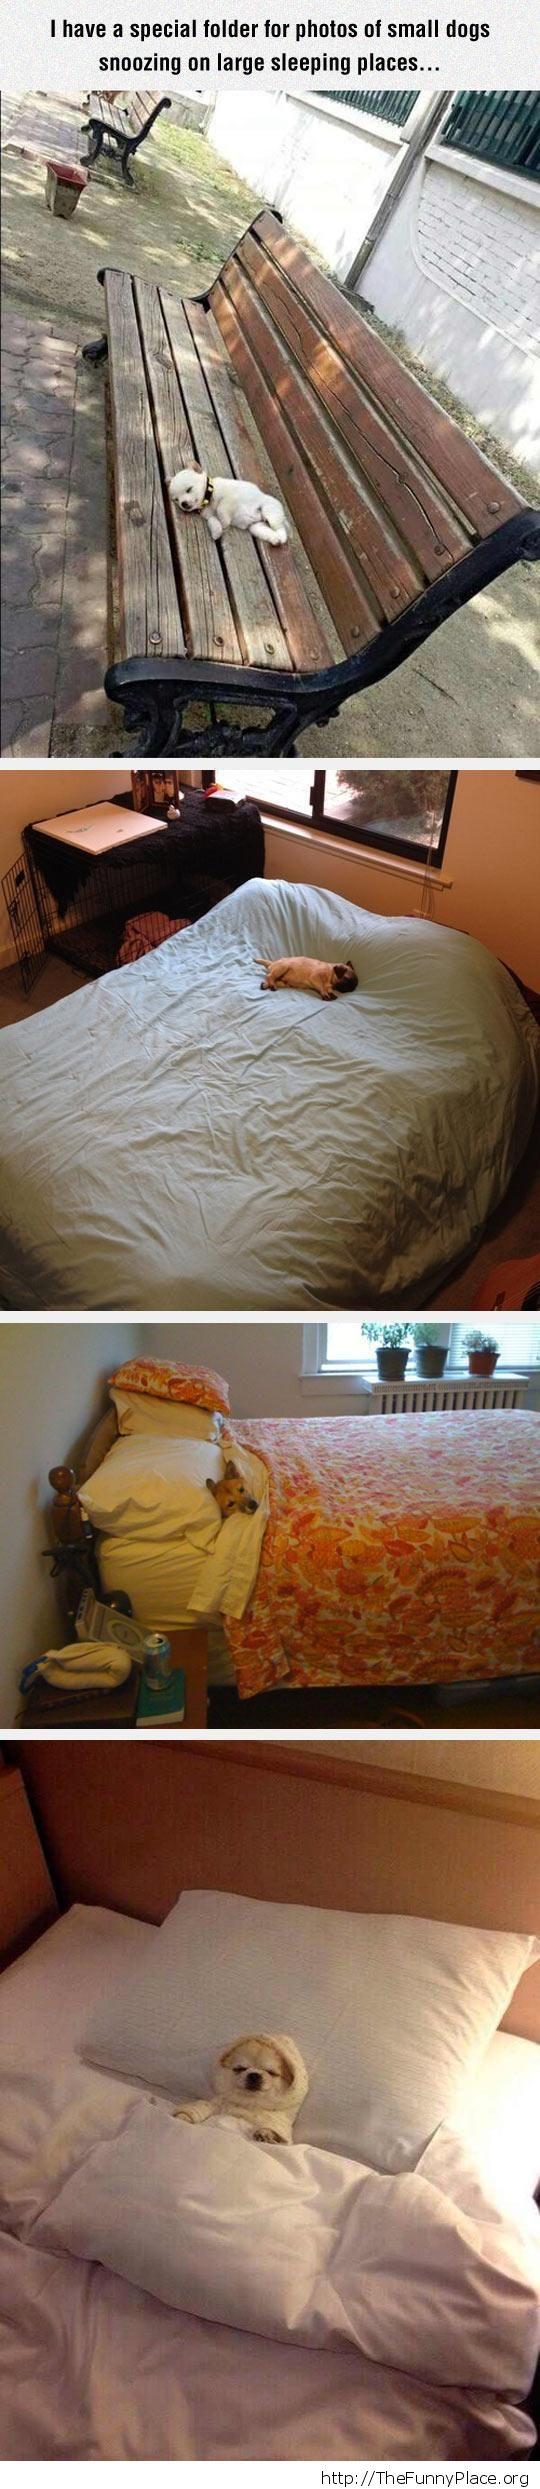 Small dog sleeping